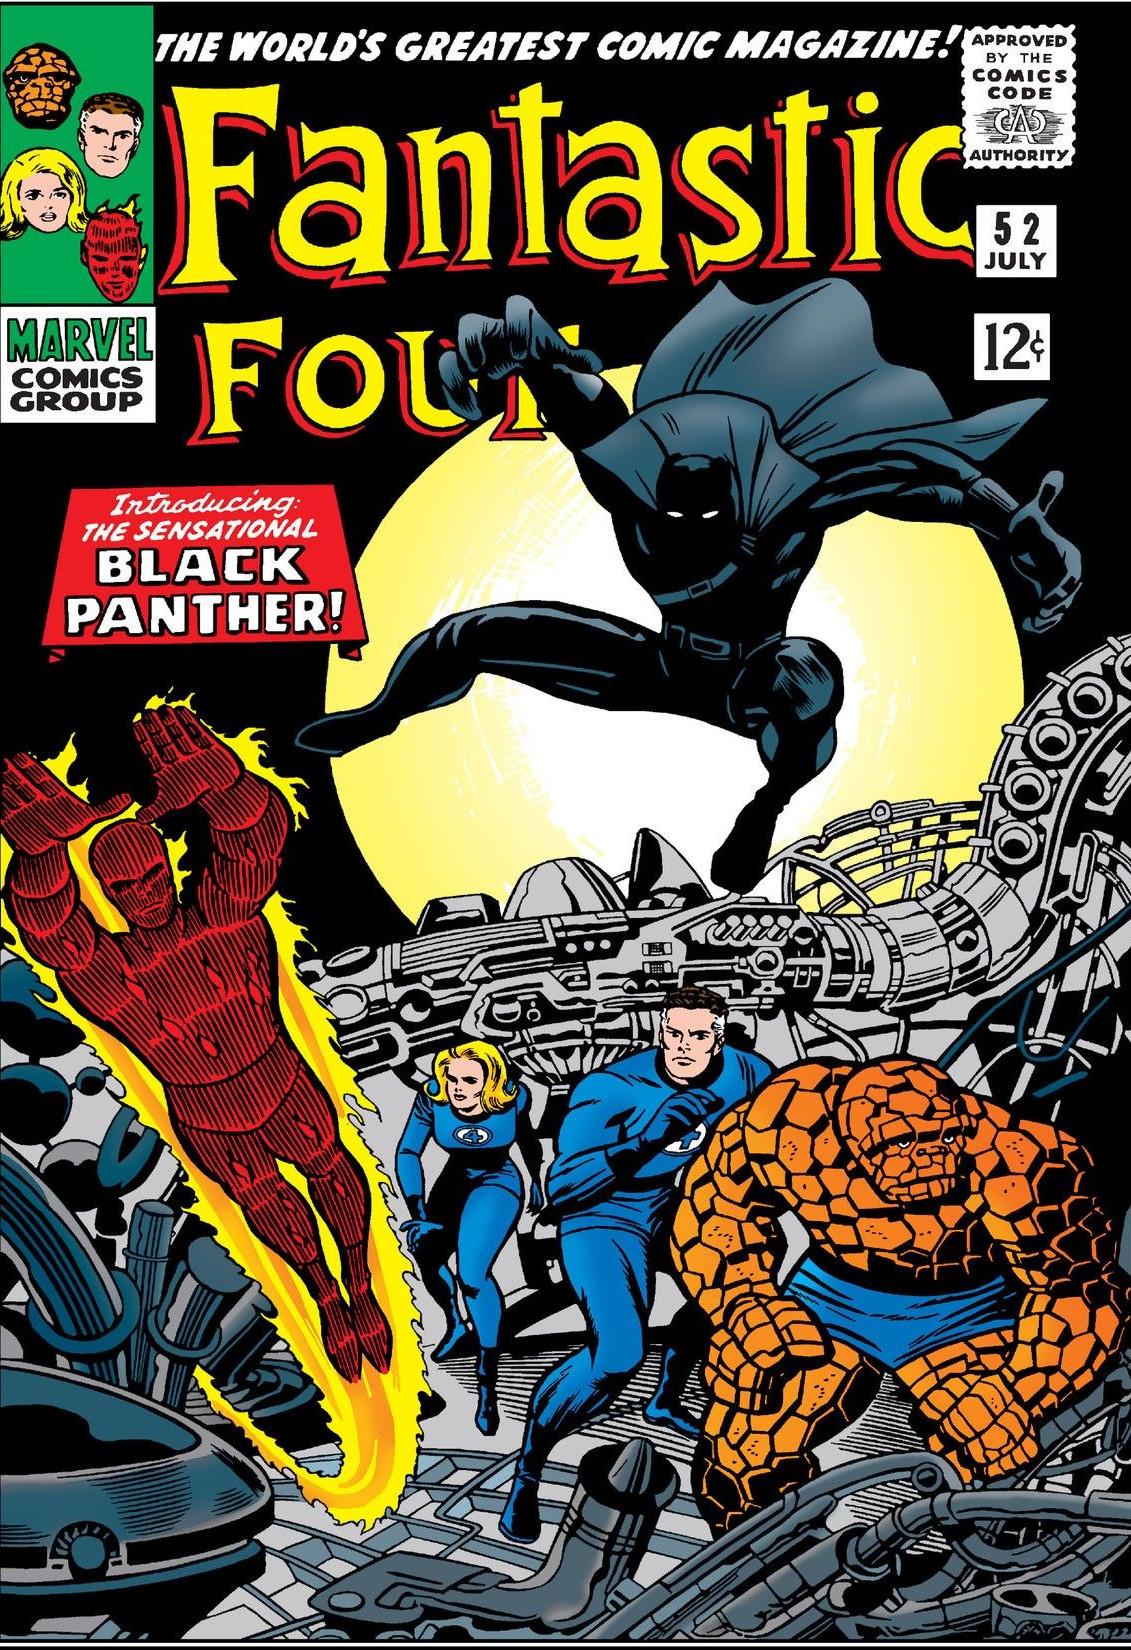 Fantastic Four Vol 1 52